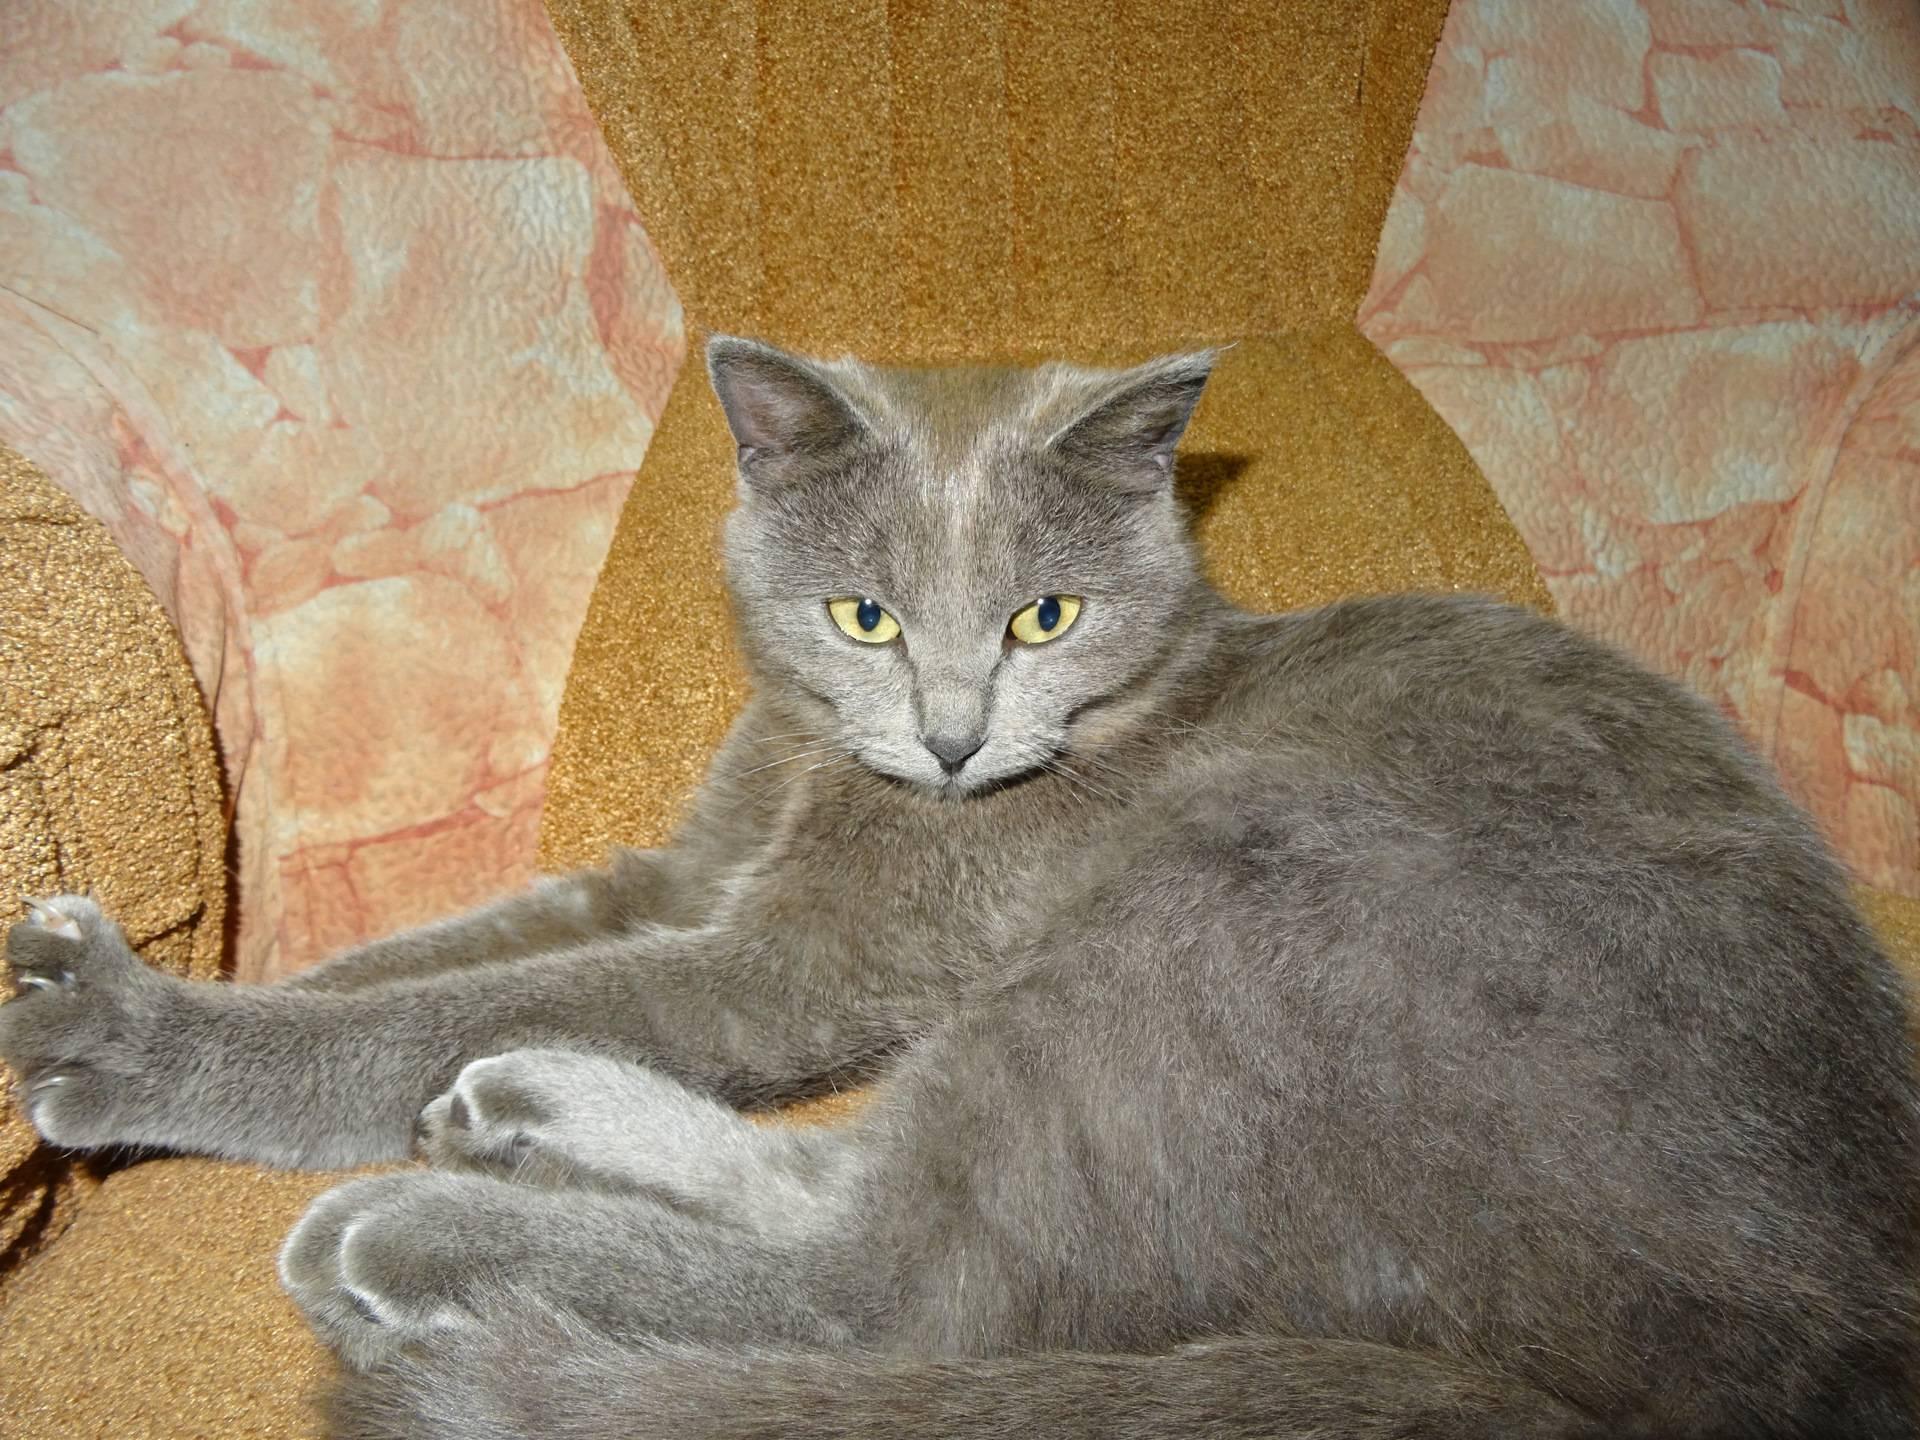 Какая порода может быть у серого или дымчатого кота, что по приметам и поверьям приносит в дом он и кошки других цветов?